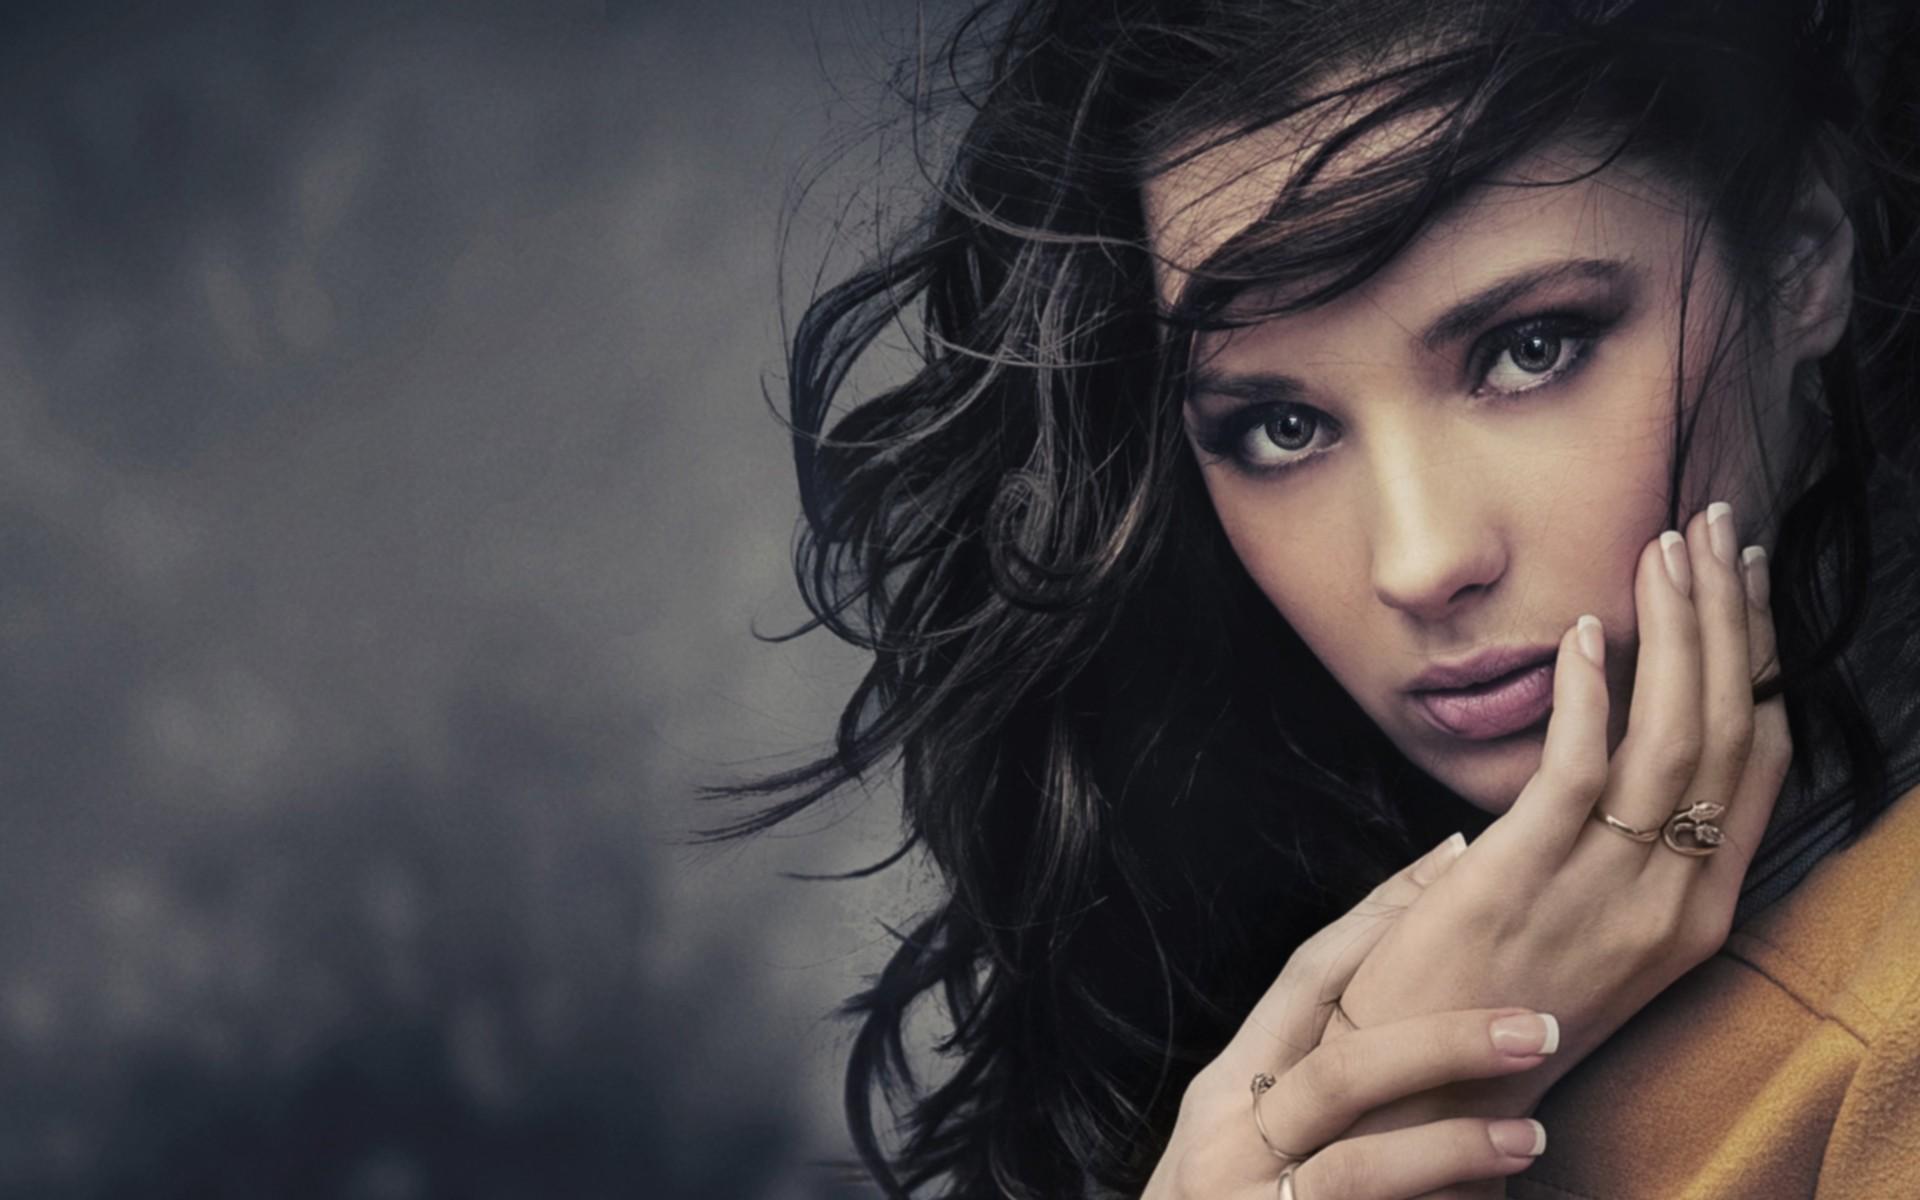 Beautiful Women Faces Wallpaper | Natural Beauty | Pinterest .